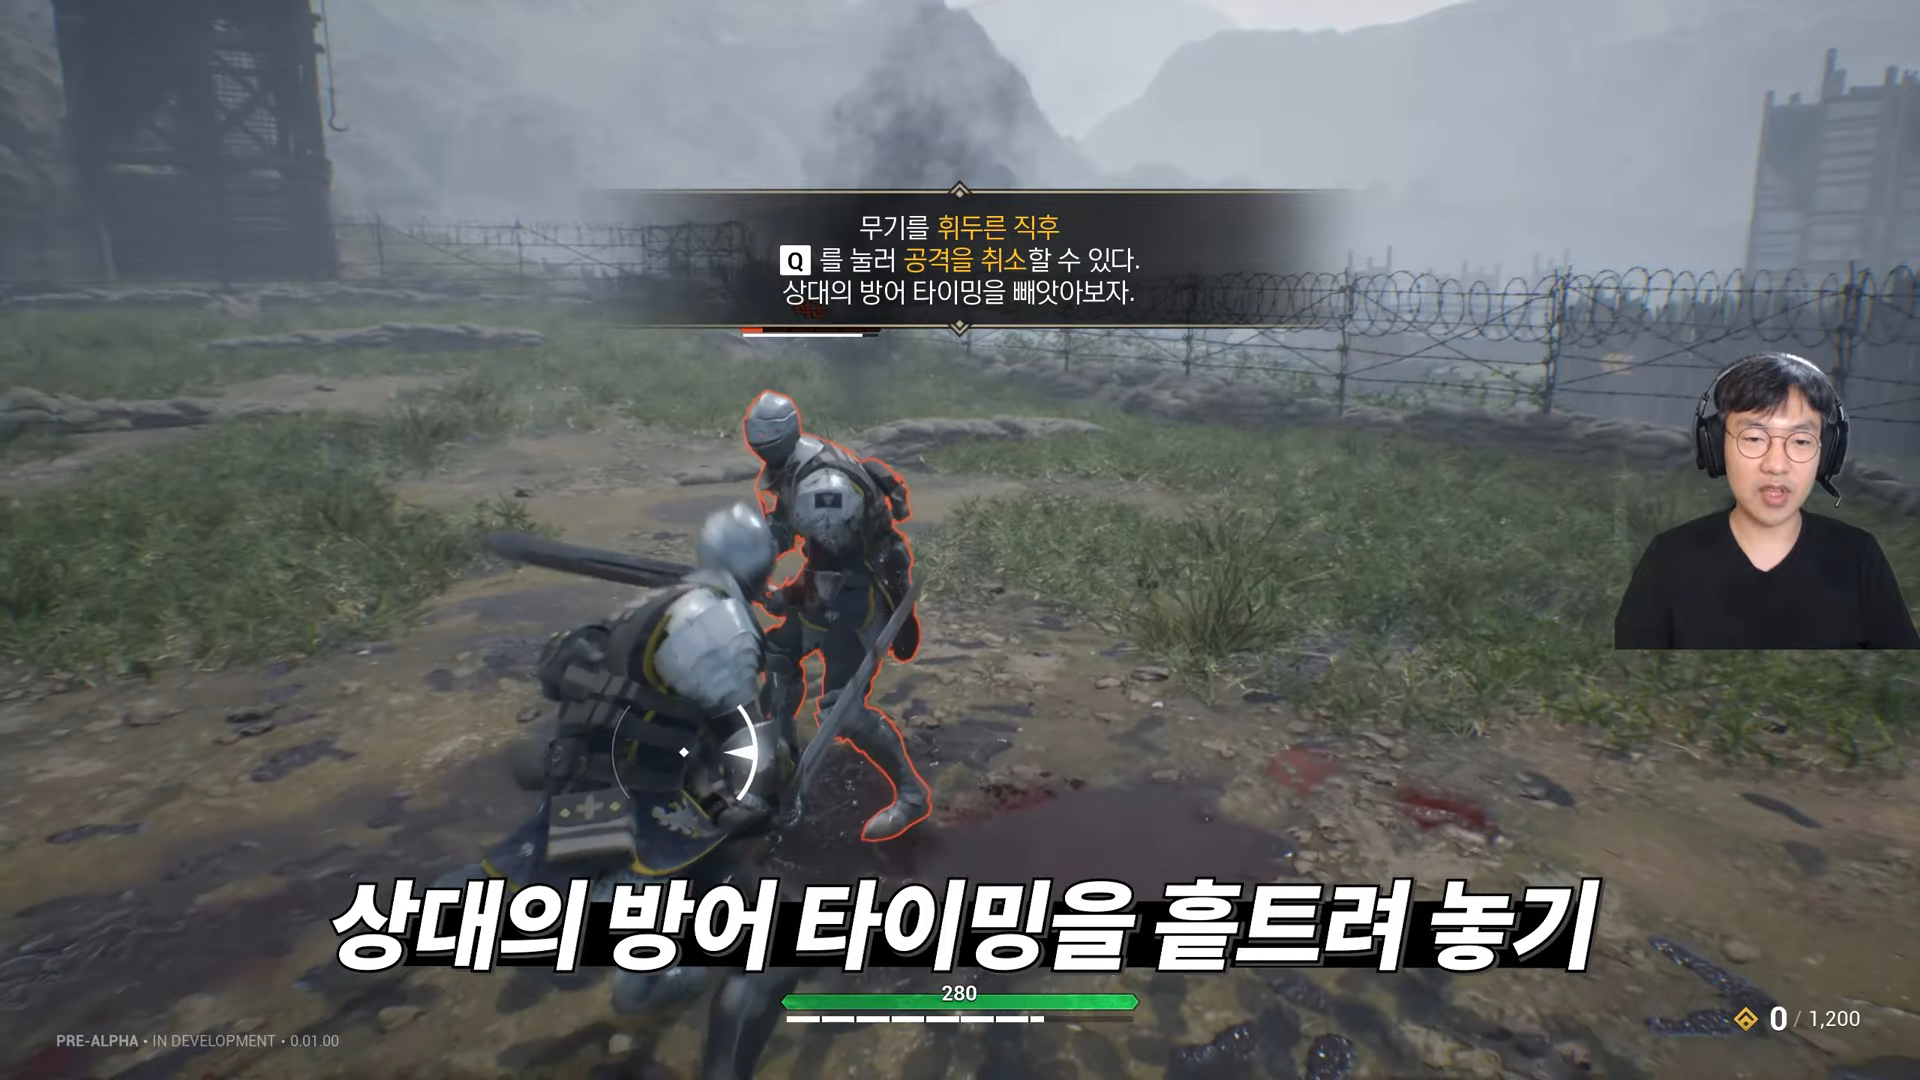 [프로젝트 HP (가제)] 디렉터 플레이 영상 1부 (HP 및 캐릭터 소개) 28-10 screenshot.png